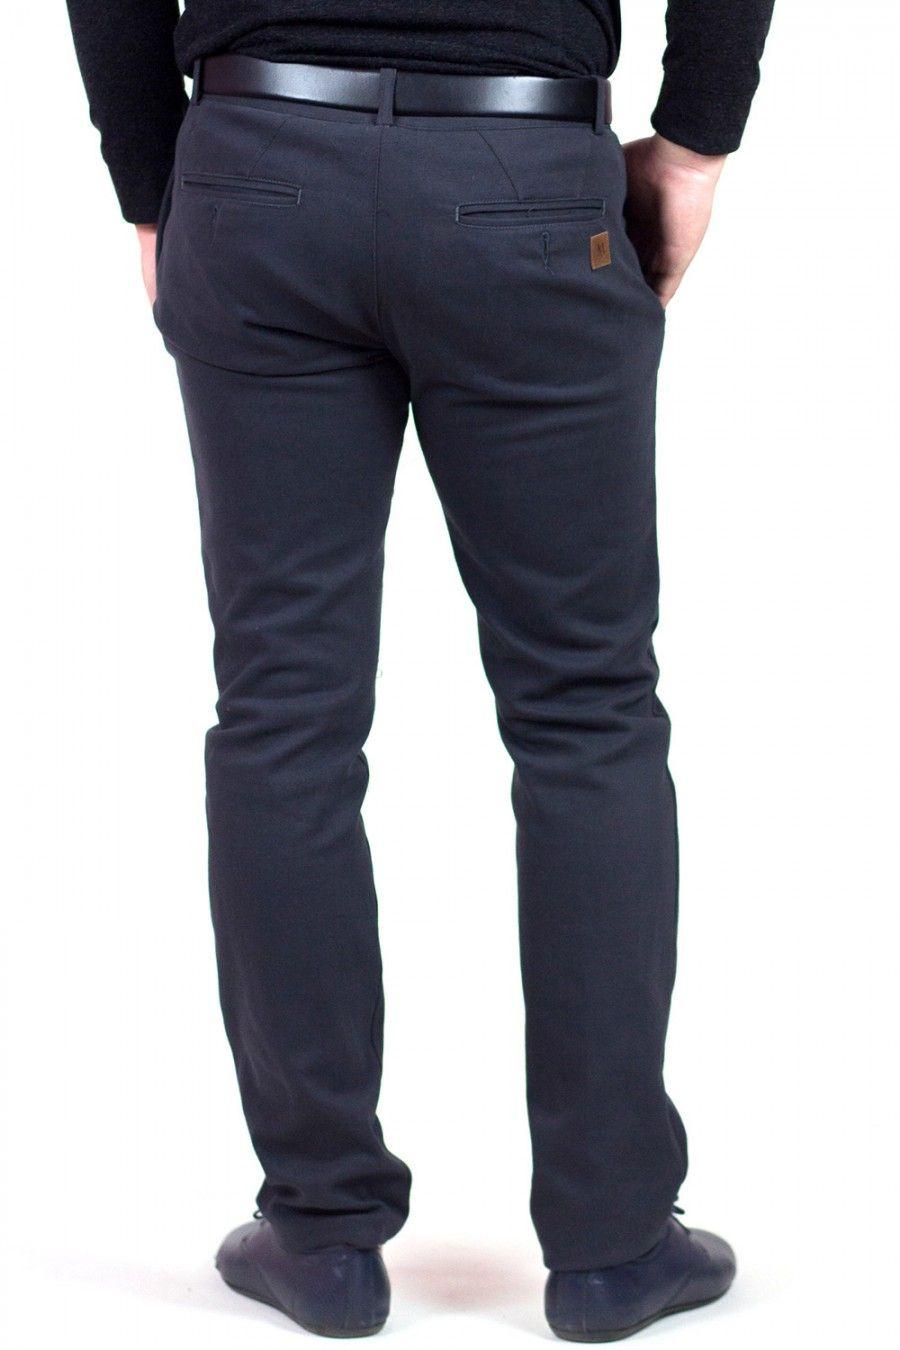 Класичні чоловічі  штани сірого кольору MAKSYMIV H-017-2. Модель пошита з 59dd386a2630d